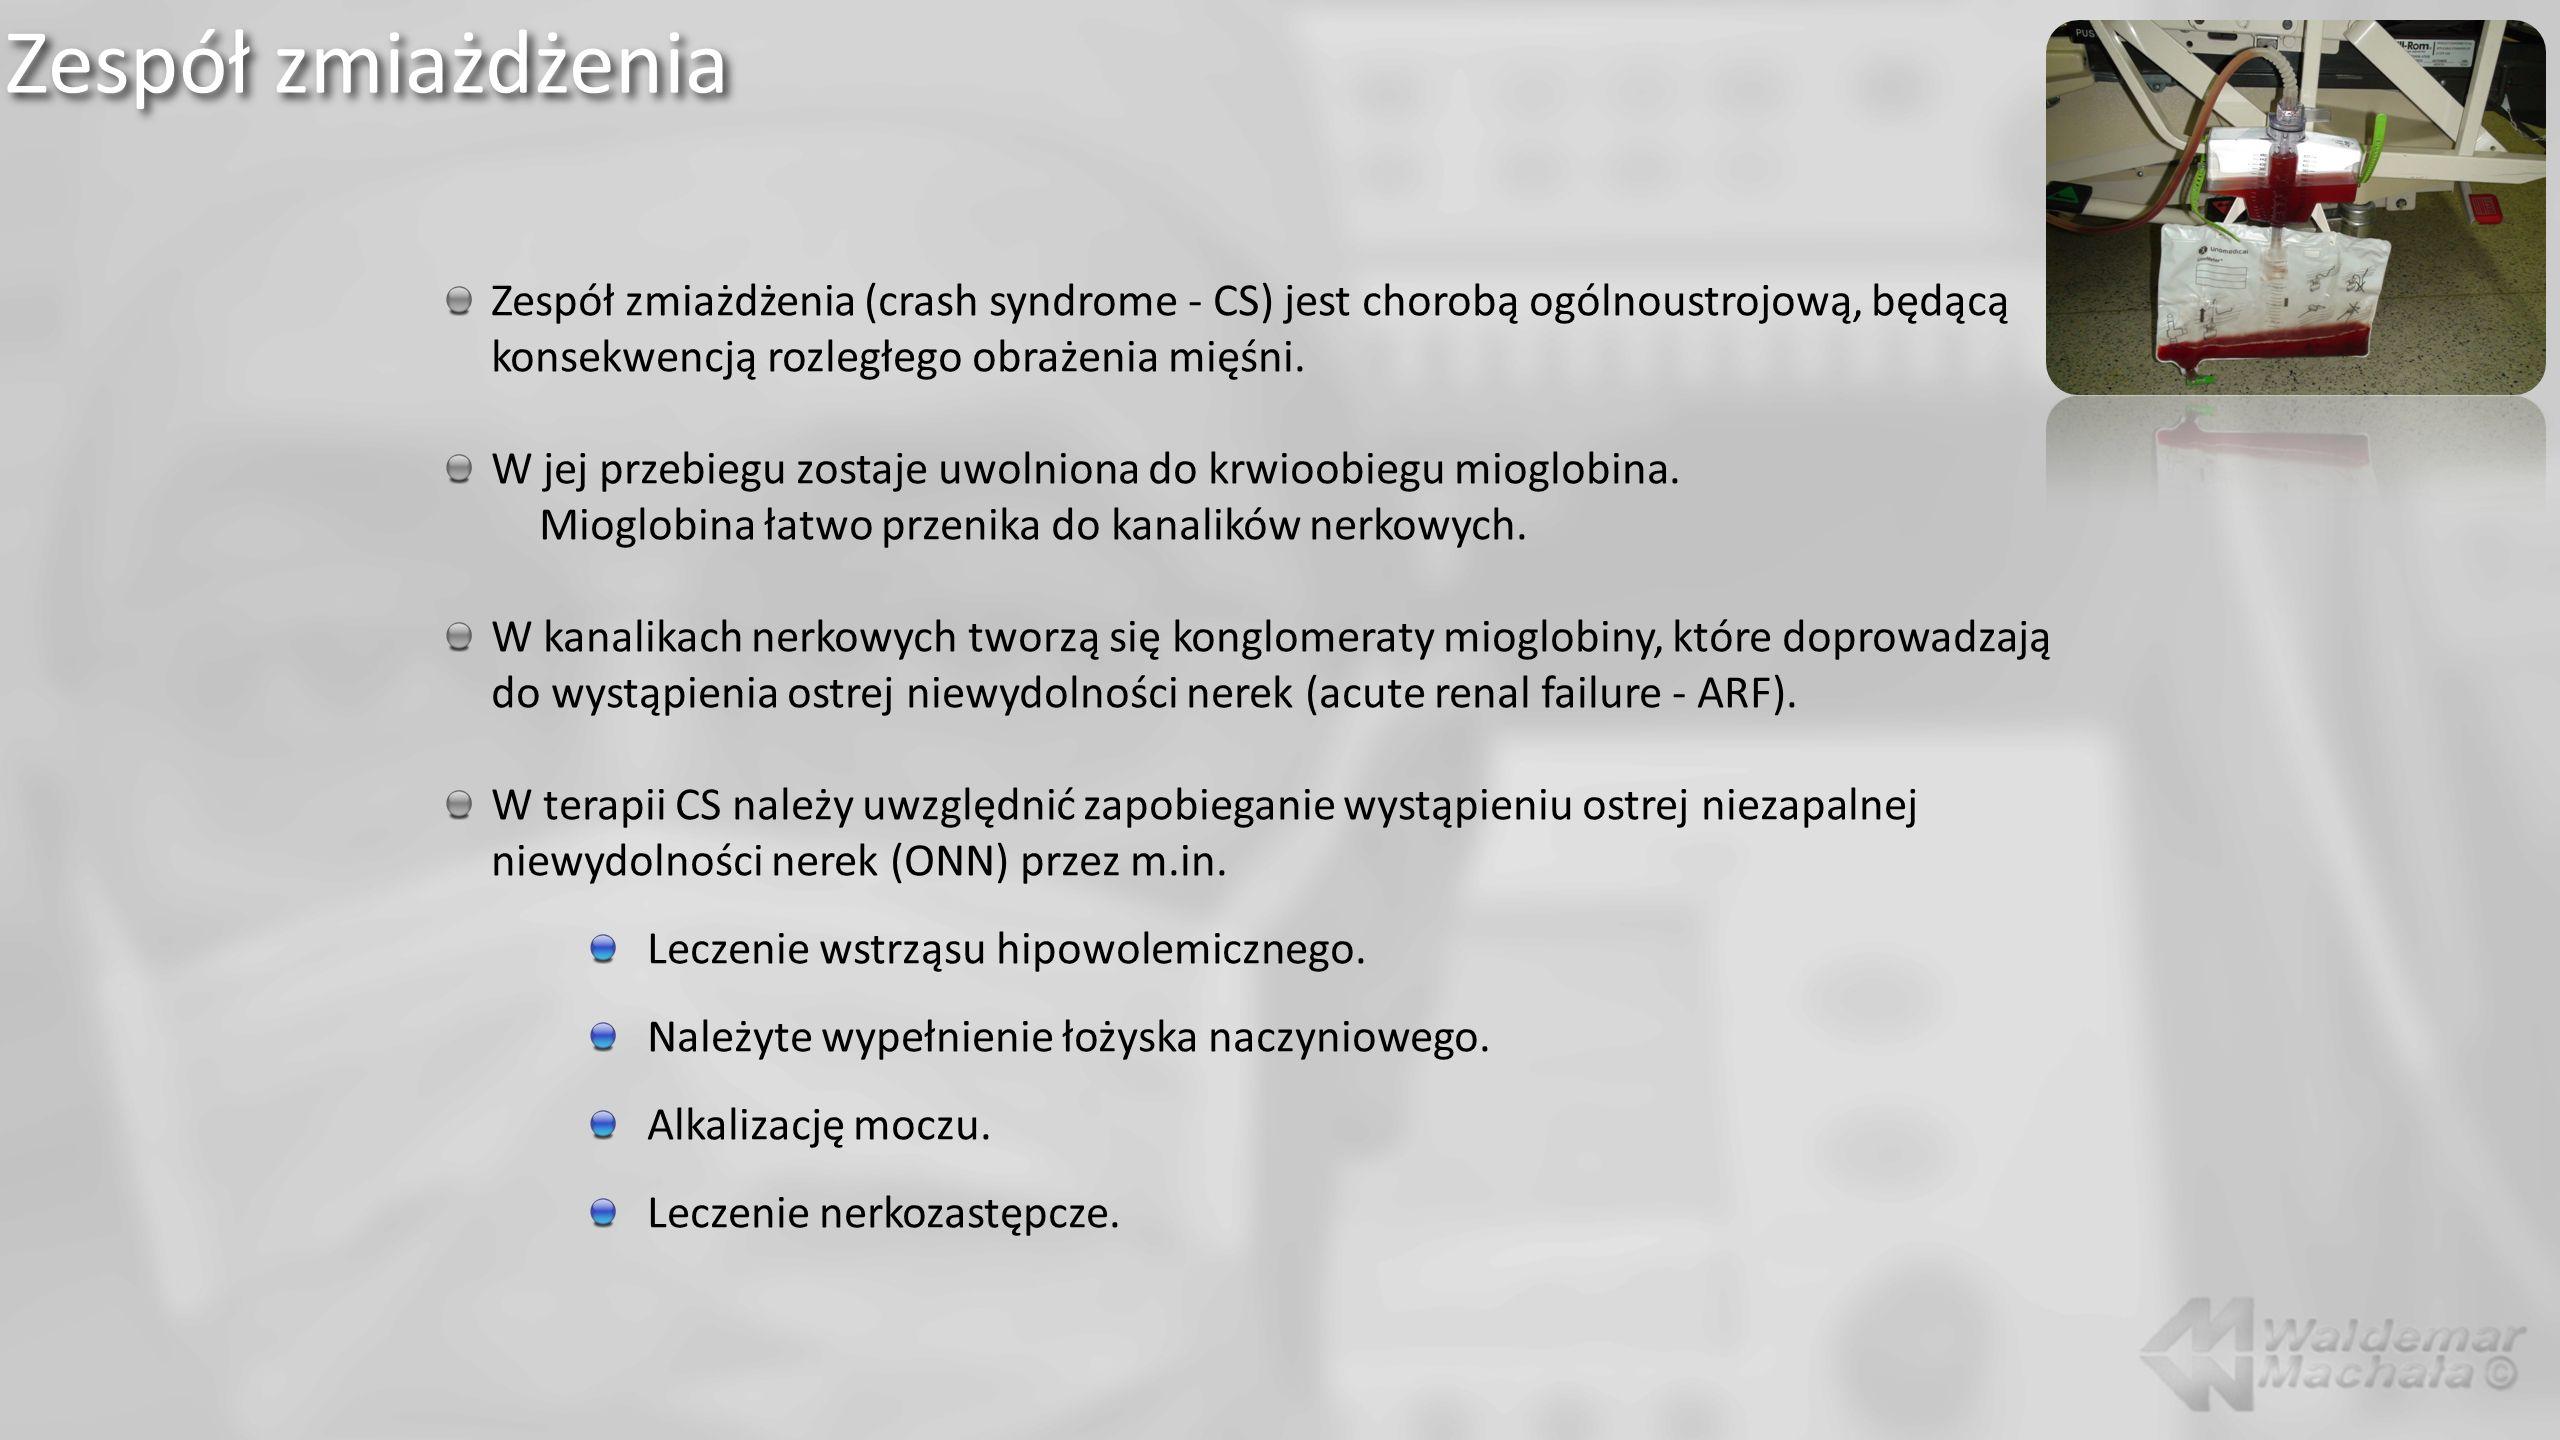 Zespół zmiażdżenia Zespół zmiażdżenia (crash syndrome - CS) jest chorobą ogólnoustrojową, będącą konsekwencją rozległego obrażenia mięśni. W jej przeb